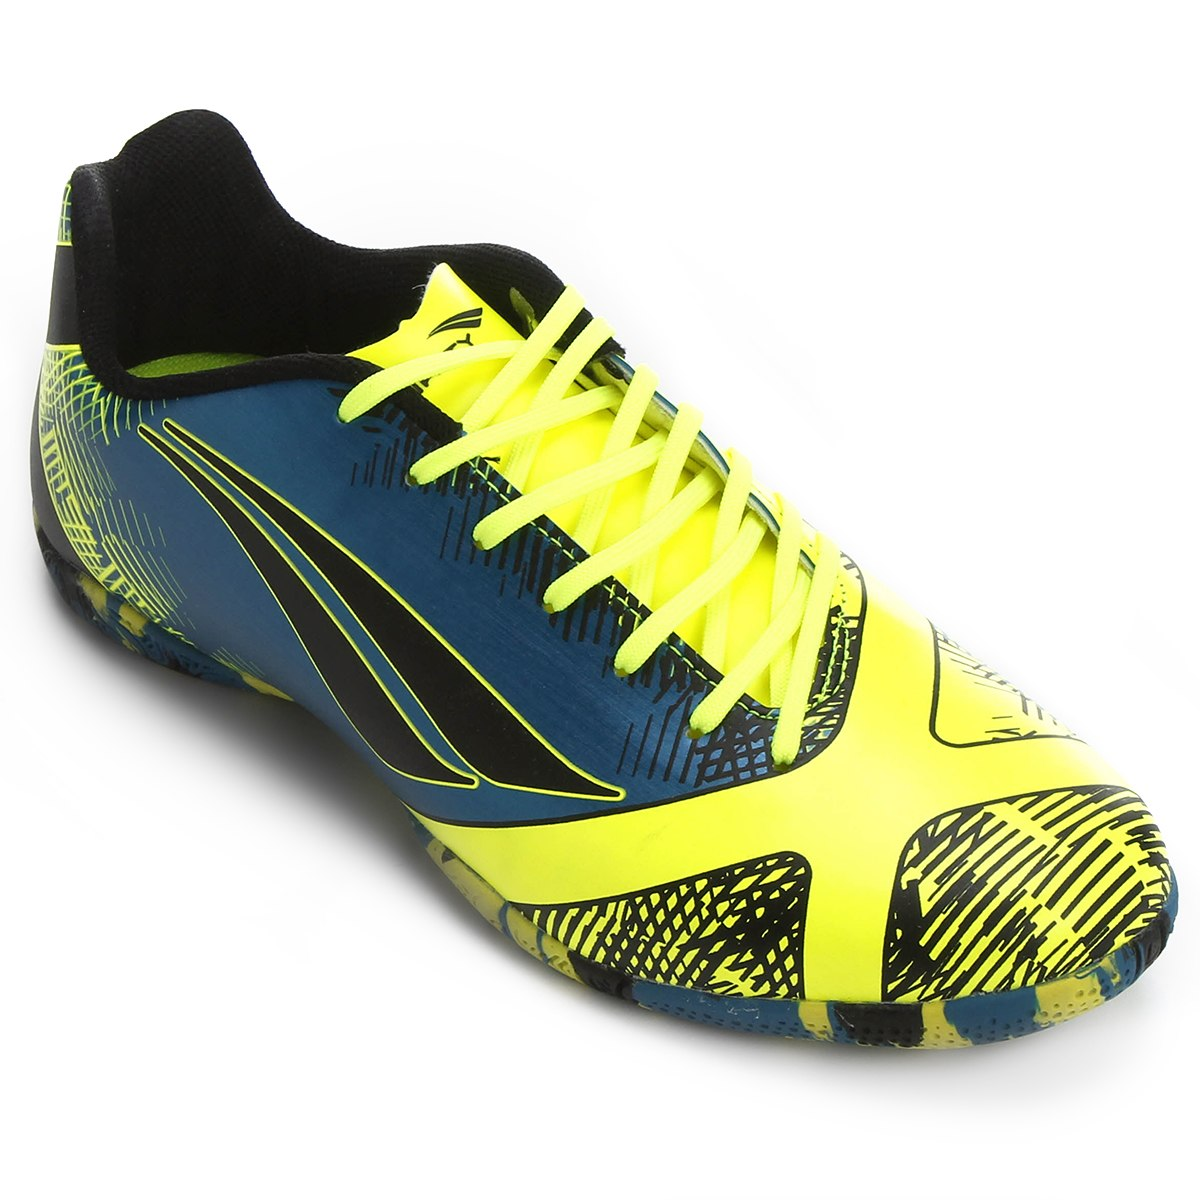 Chuteira Futsal Penalty Victória RX 2 Vl Masculino - Azul/Amarelo